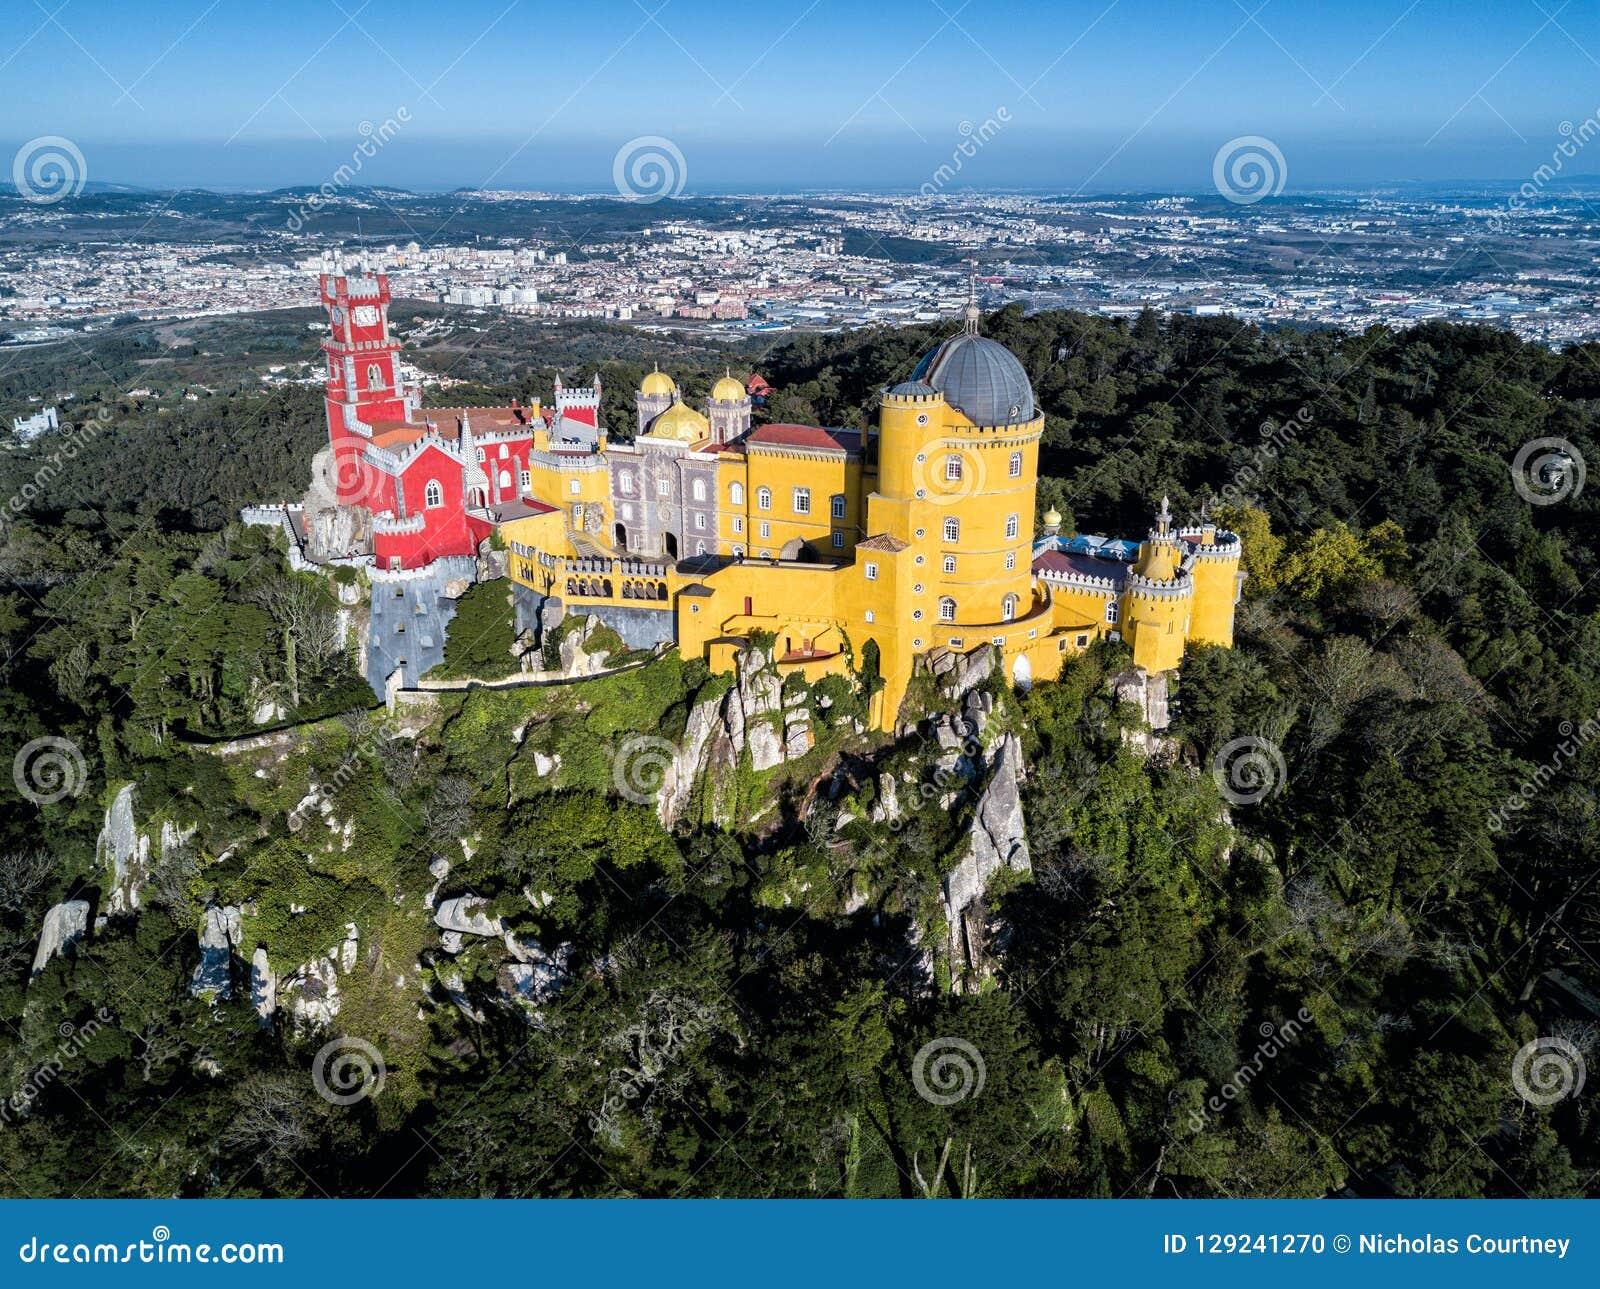 Foto del fuco - il castello attracca e del palazzo del cittadino di Sintra Sintra, Portogallo